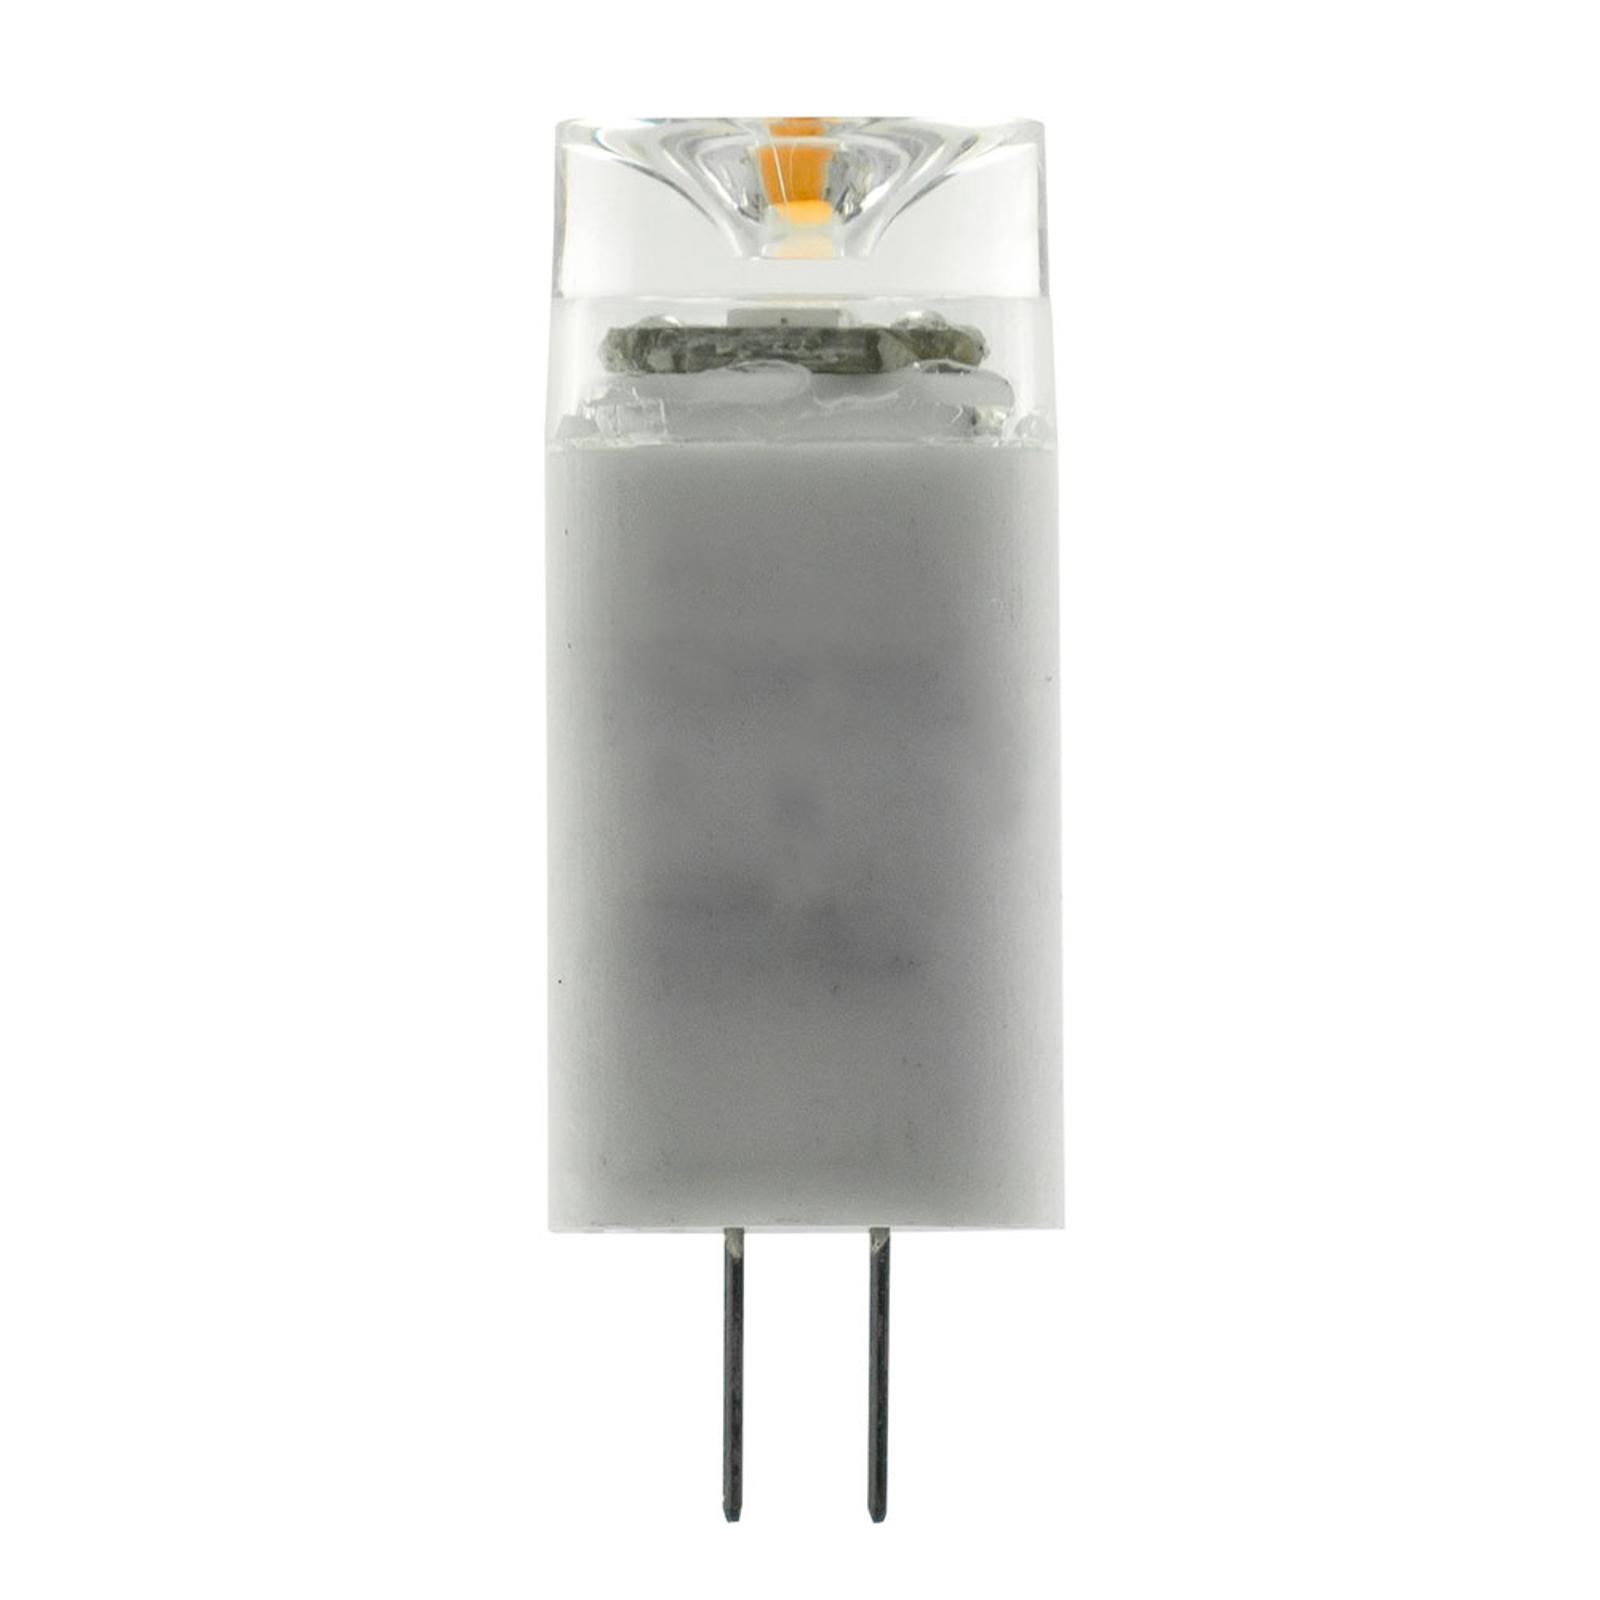 SEGULA LED-Stiftsockellampe G4 1,6W 2.700K